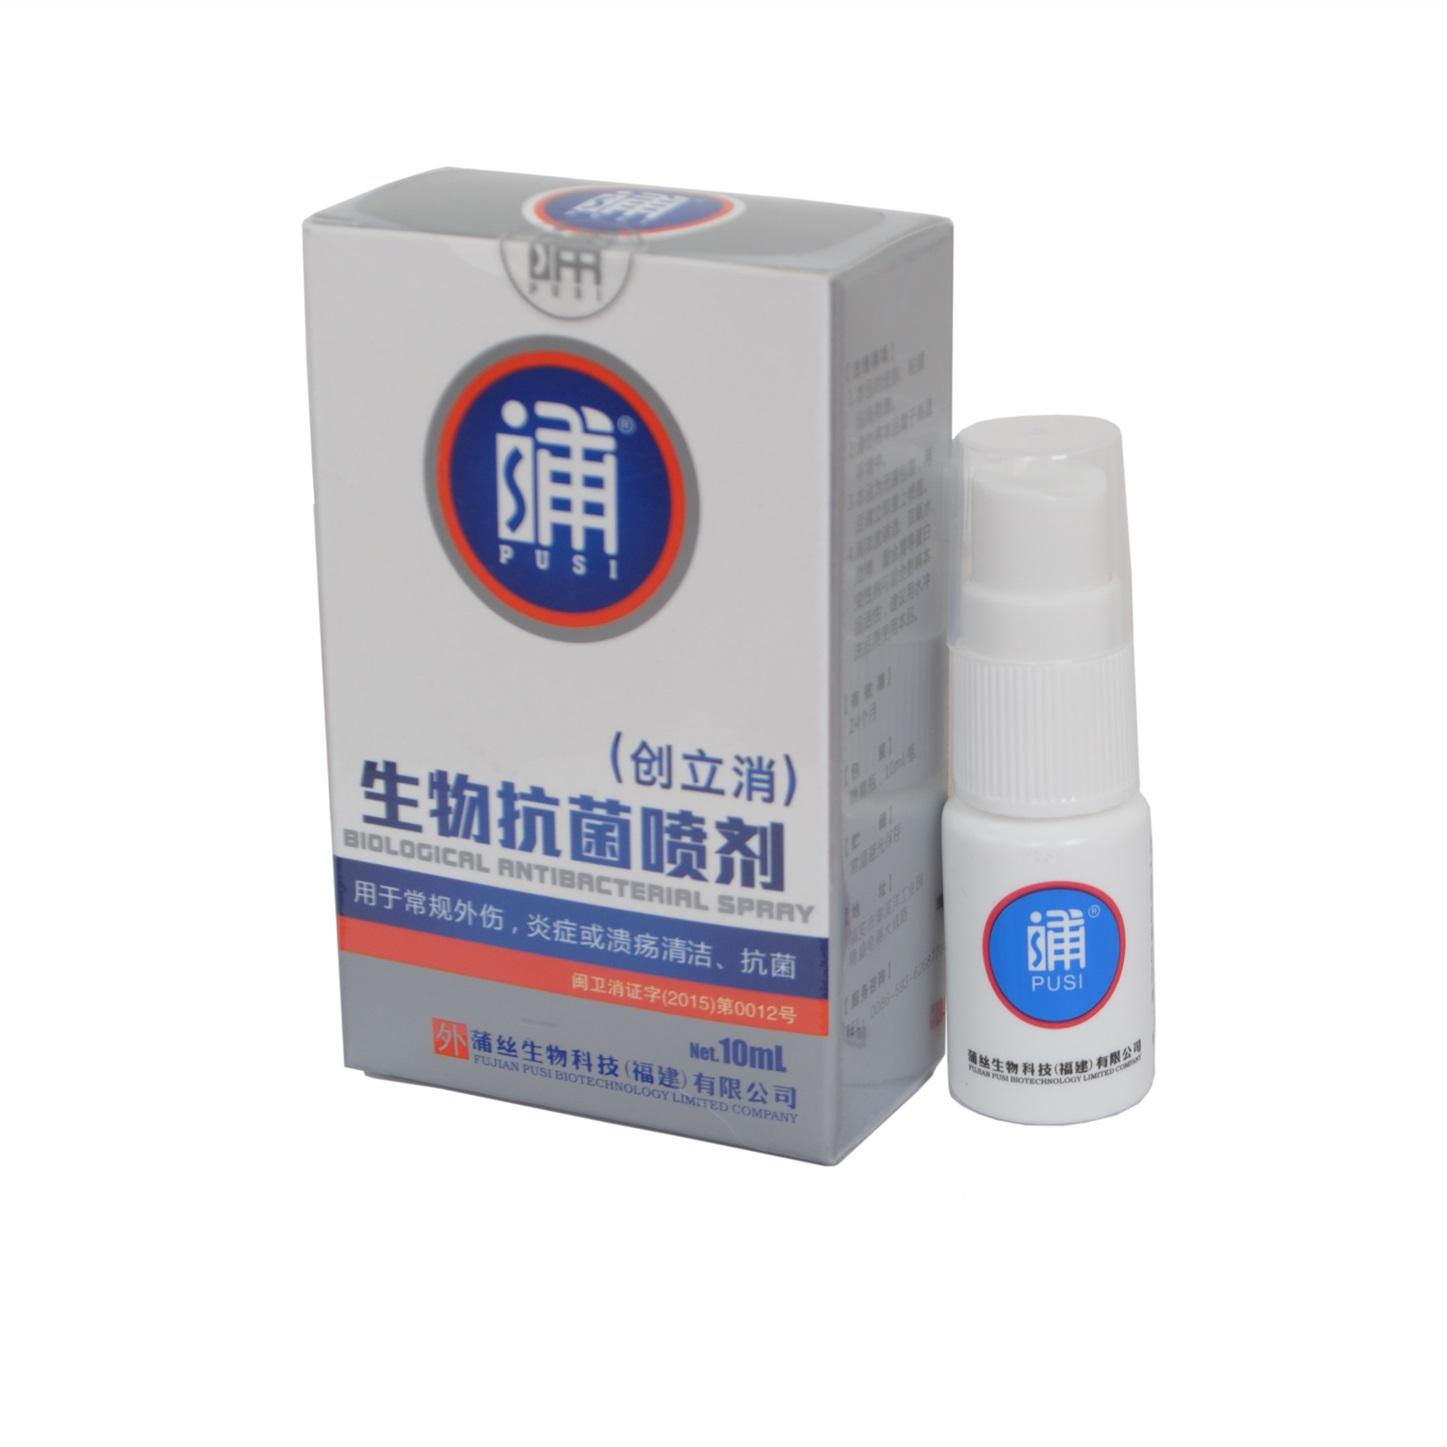 生物抗菌喷剂